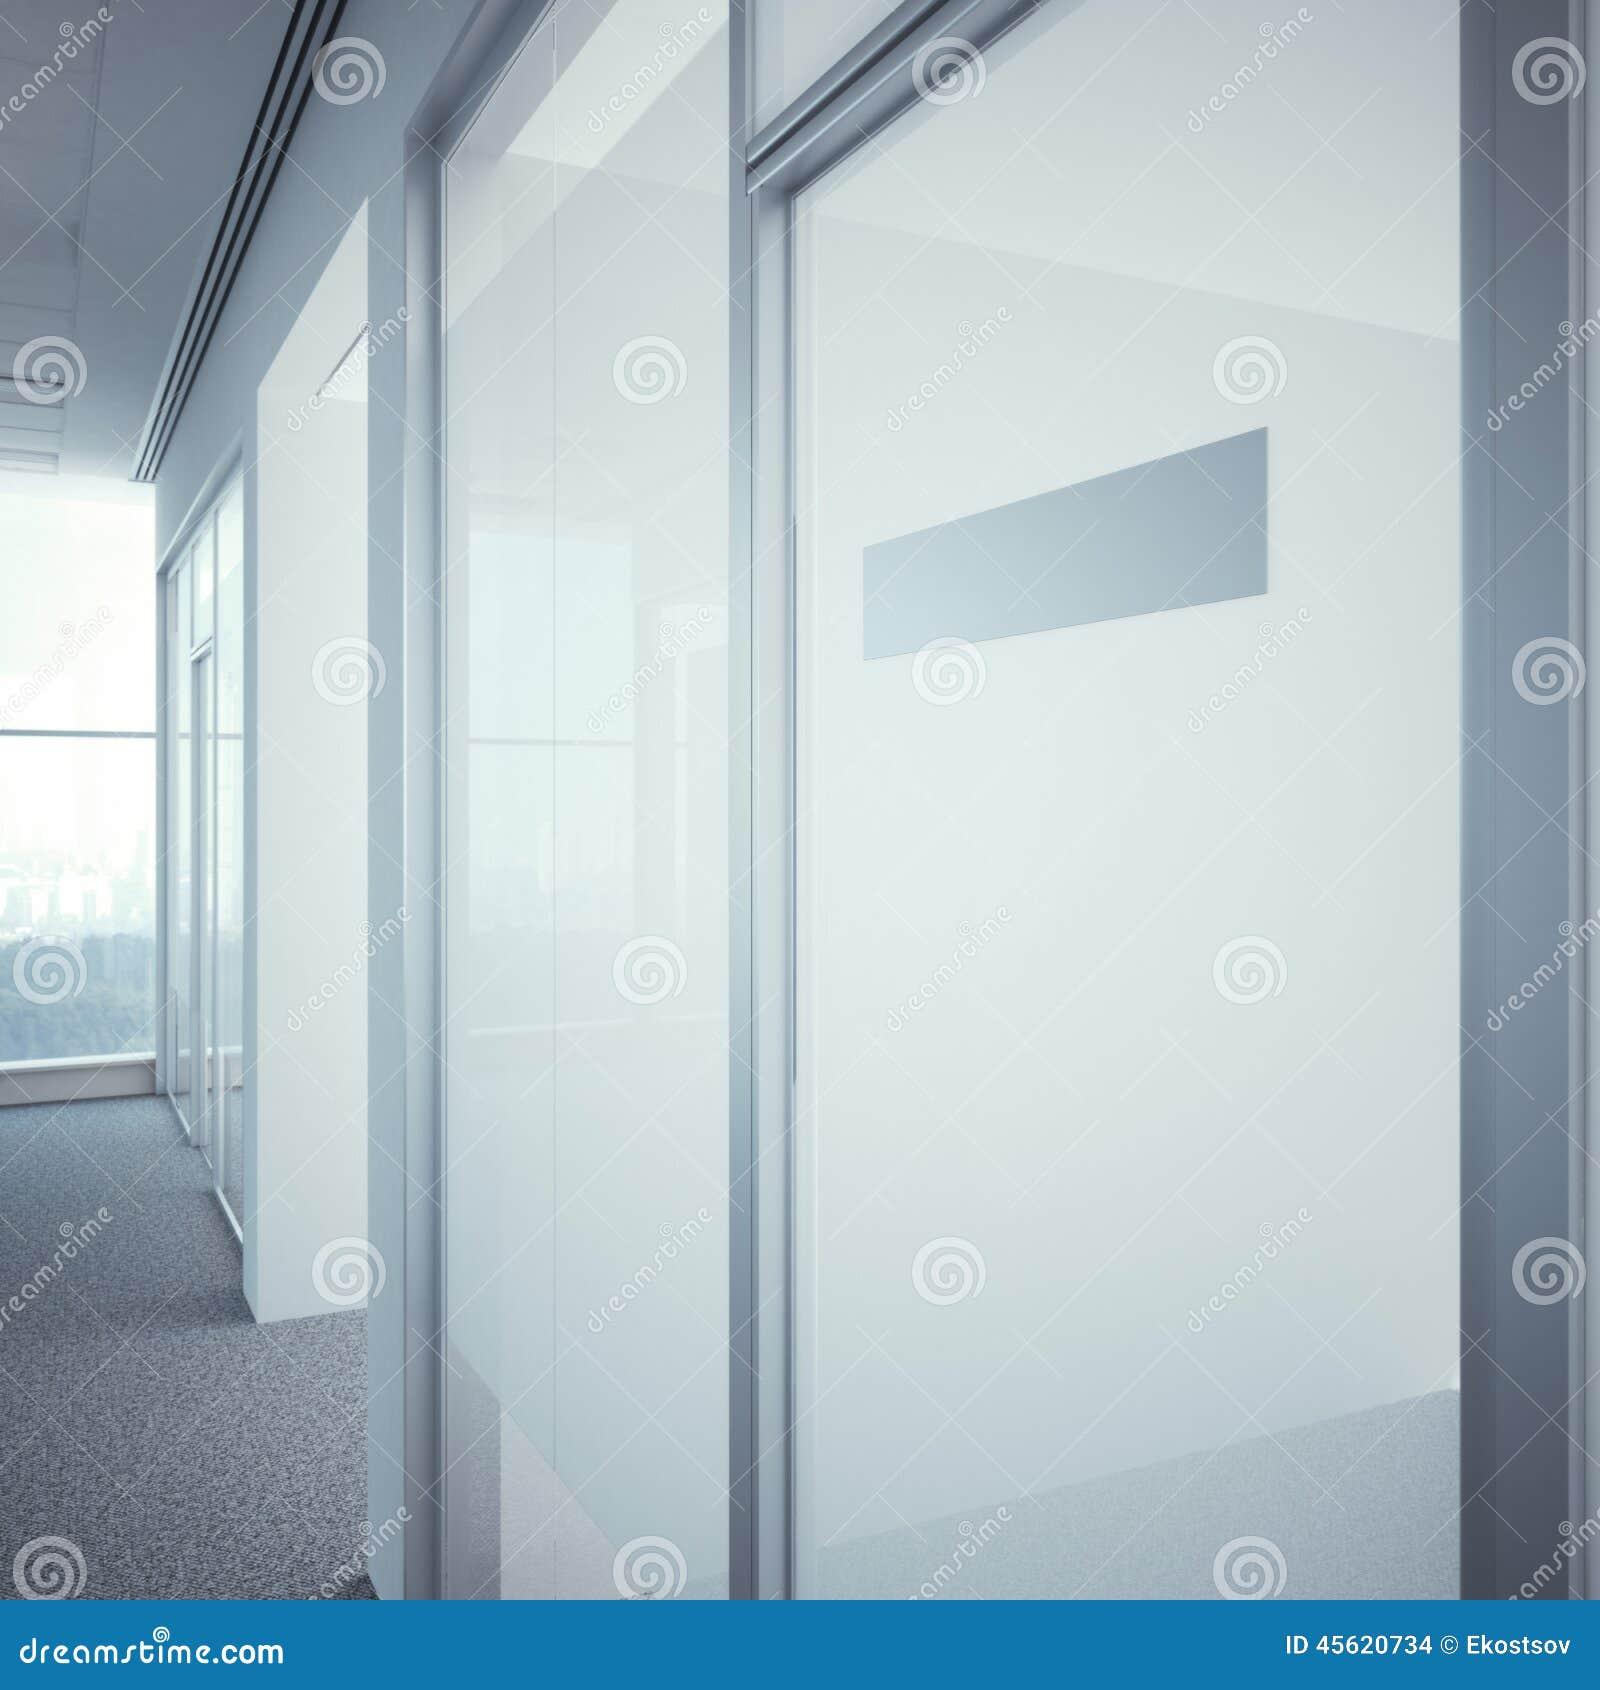 Bürotür Mit Metallnummernschild Stockfoto - Bild von erwachsener ...